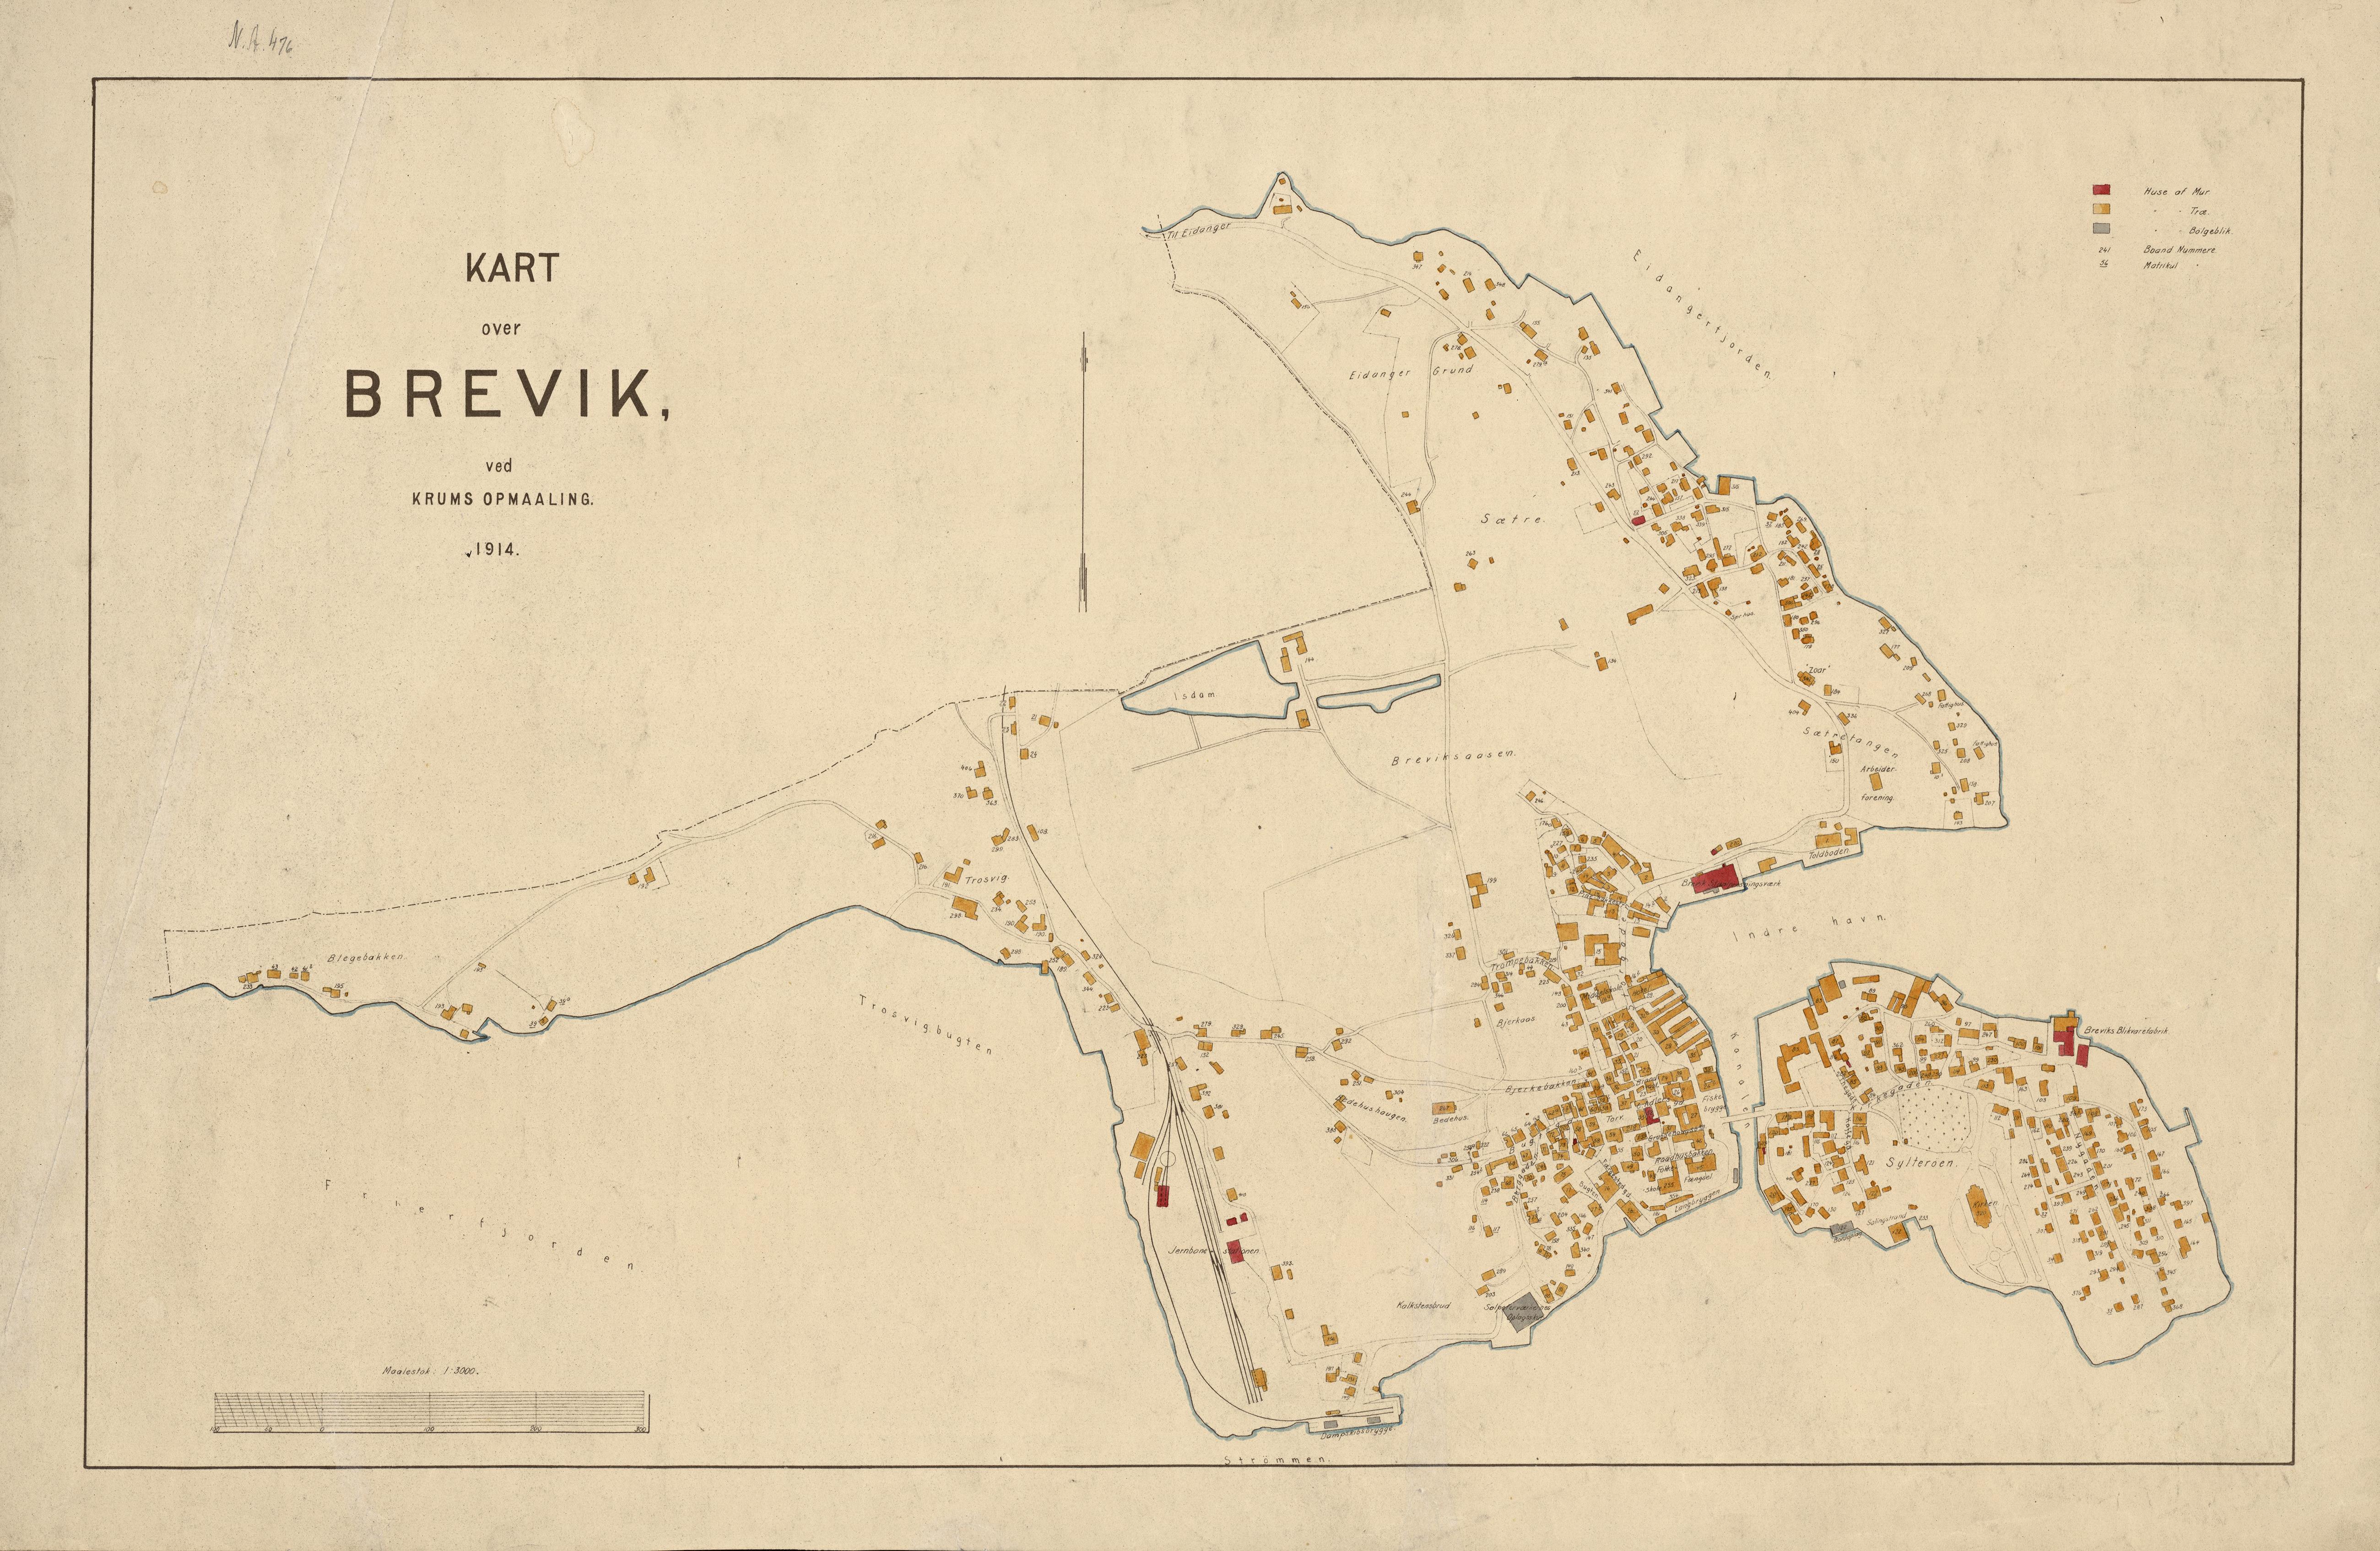 kart over brevik File:Kart over Brevik 1914   No nb krt 01283.   Wikimedia Commons kart over brevik